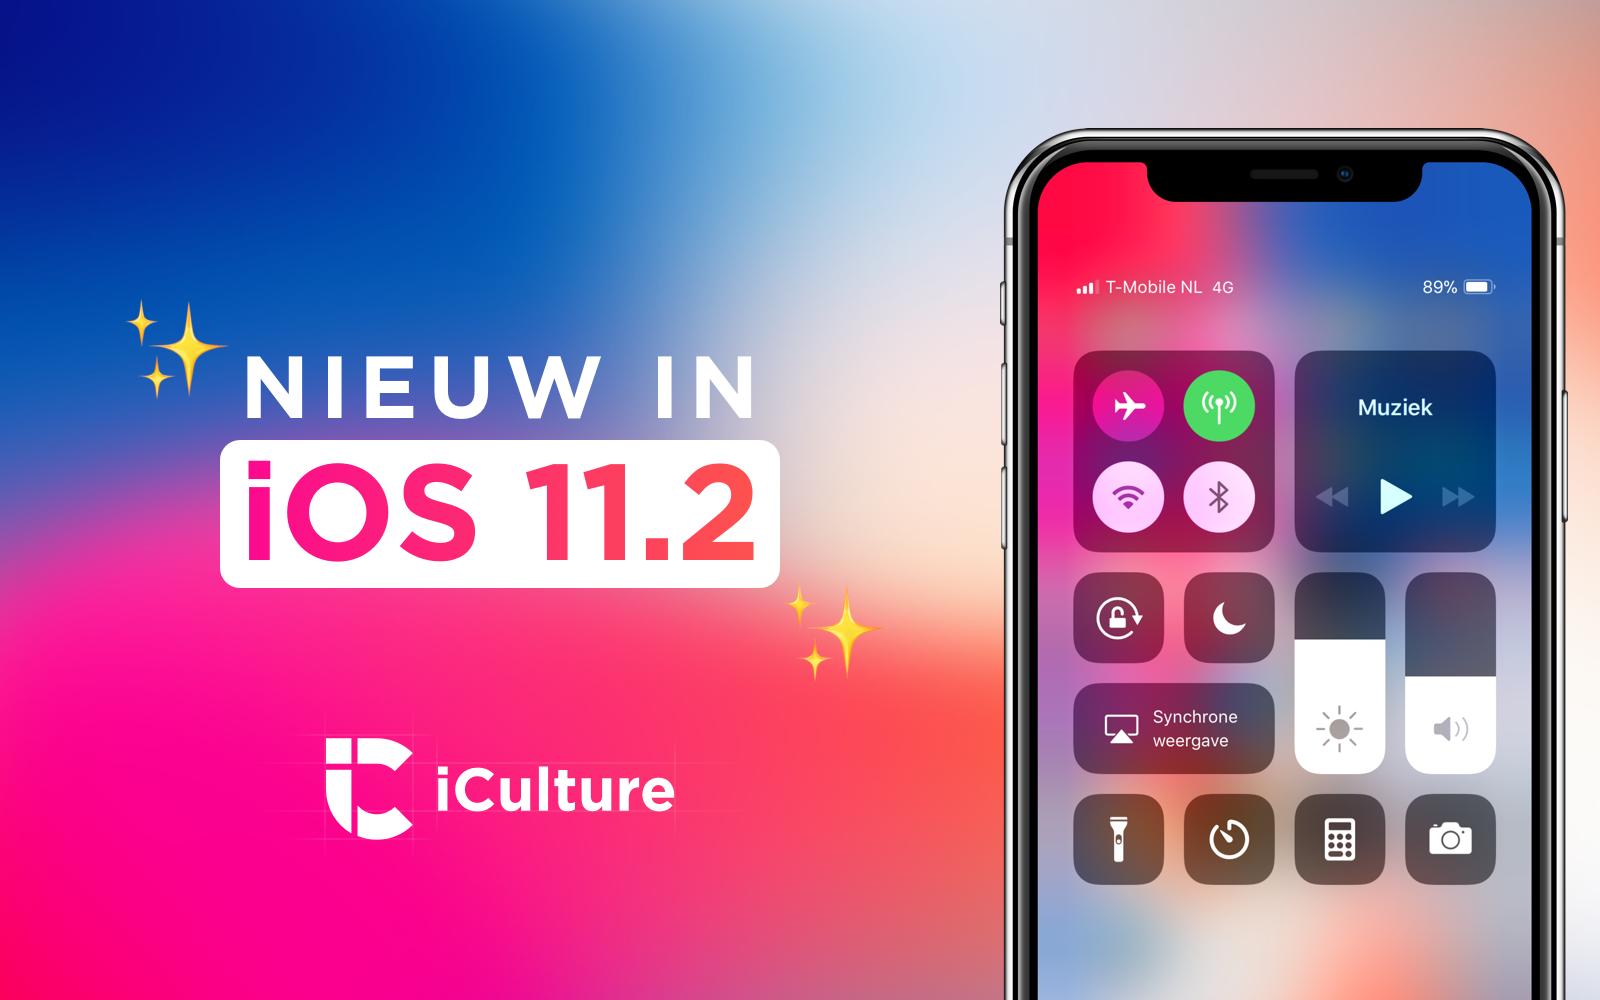 Nieuwe functies in iOS 11.2.